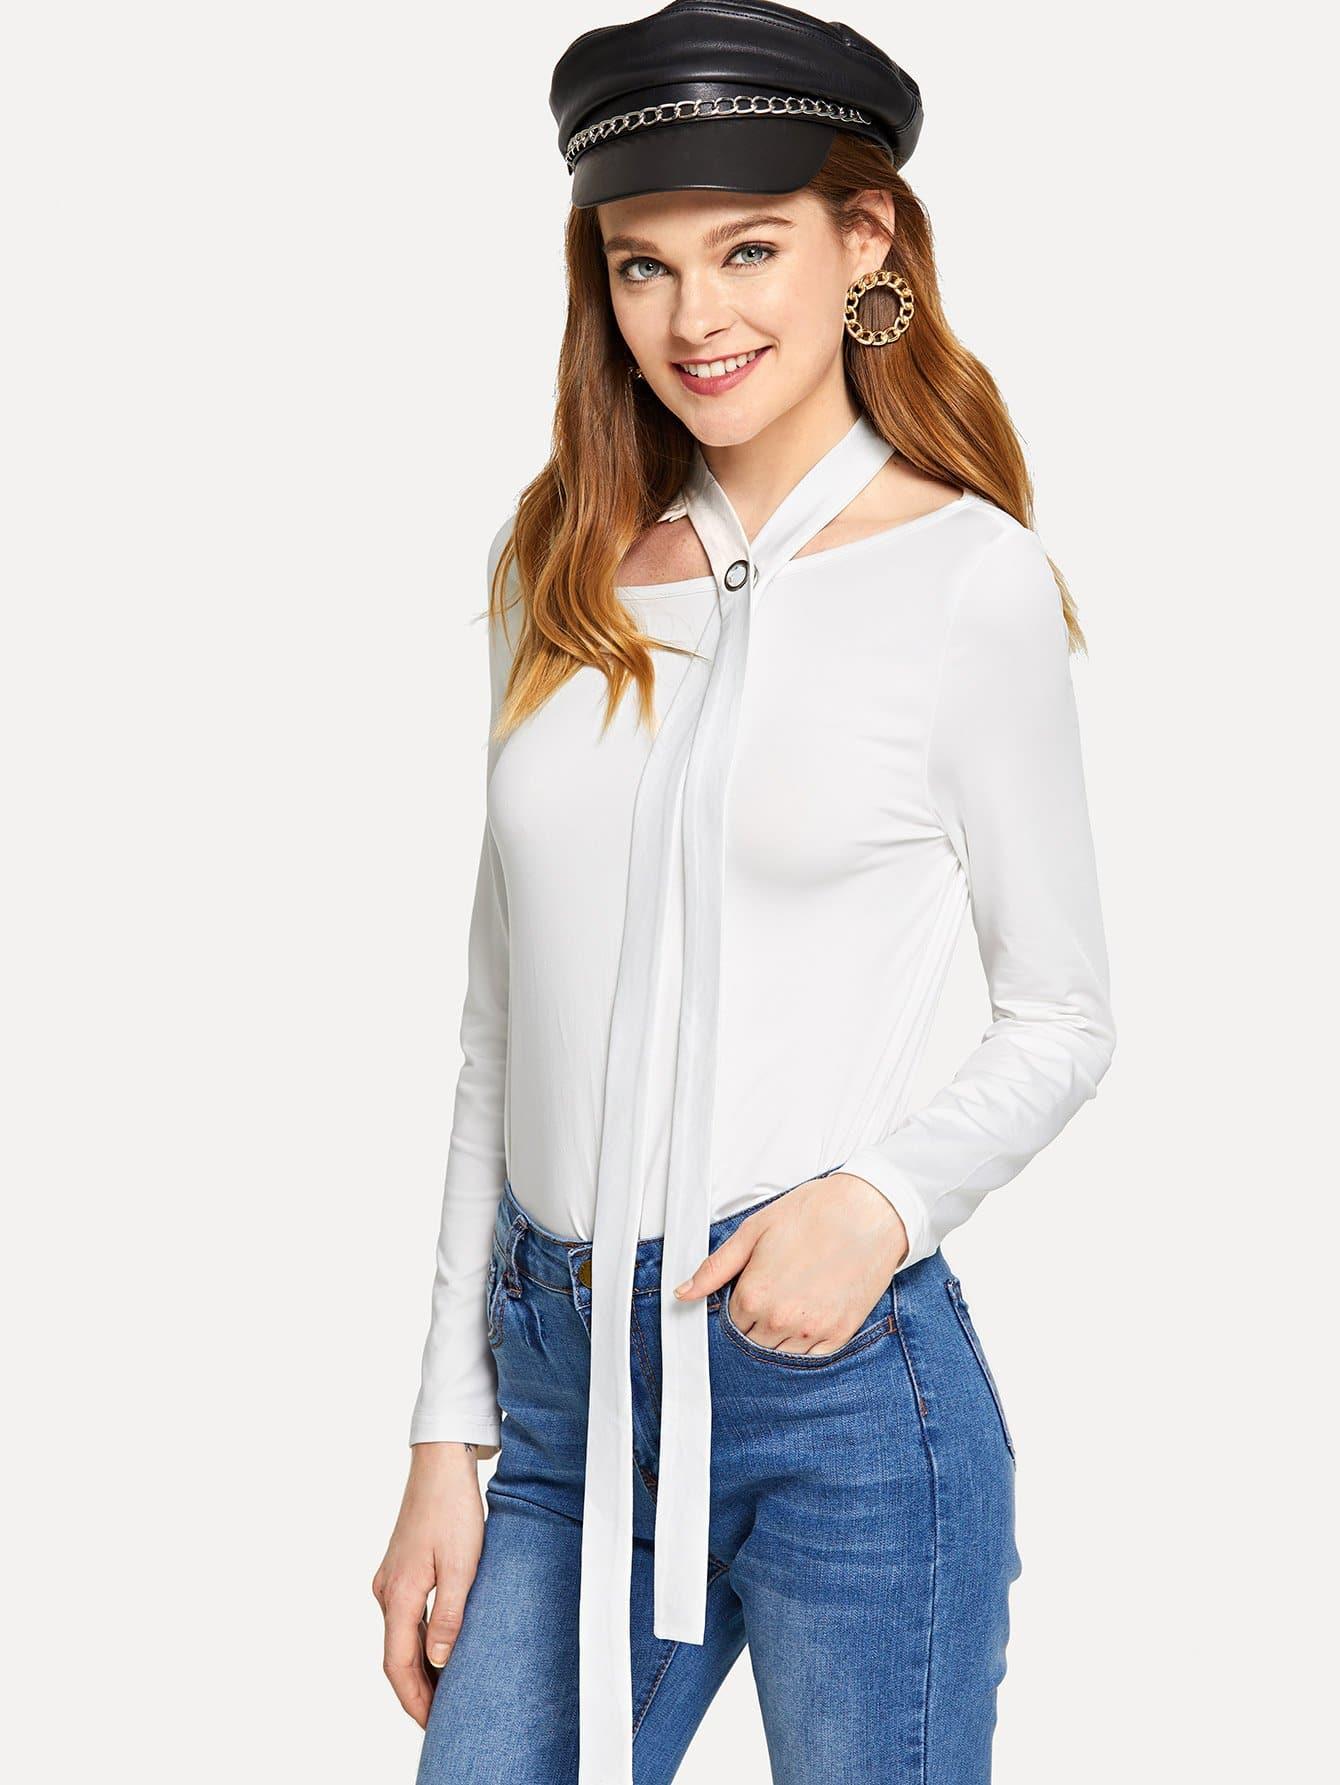 Простая футболка с рельефными узорами, Lauren, SheIn  - купить со скидкой